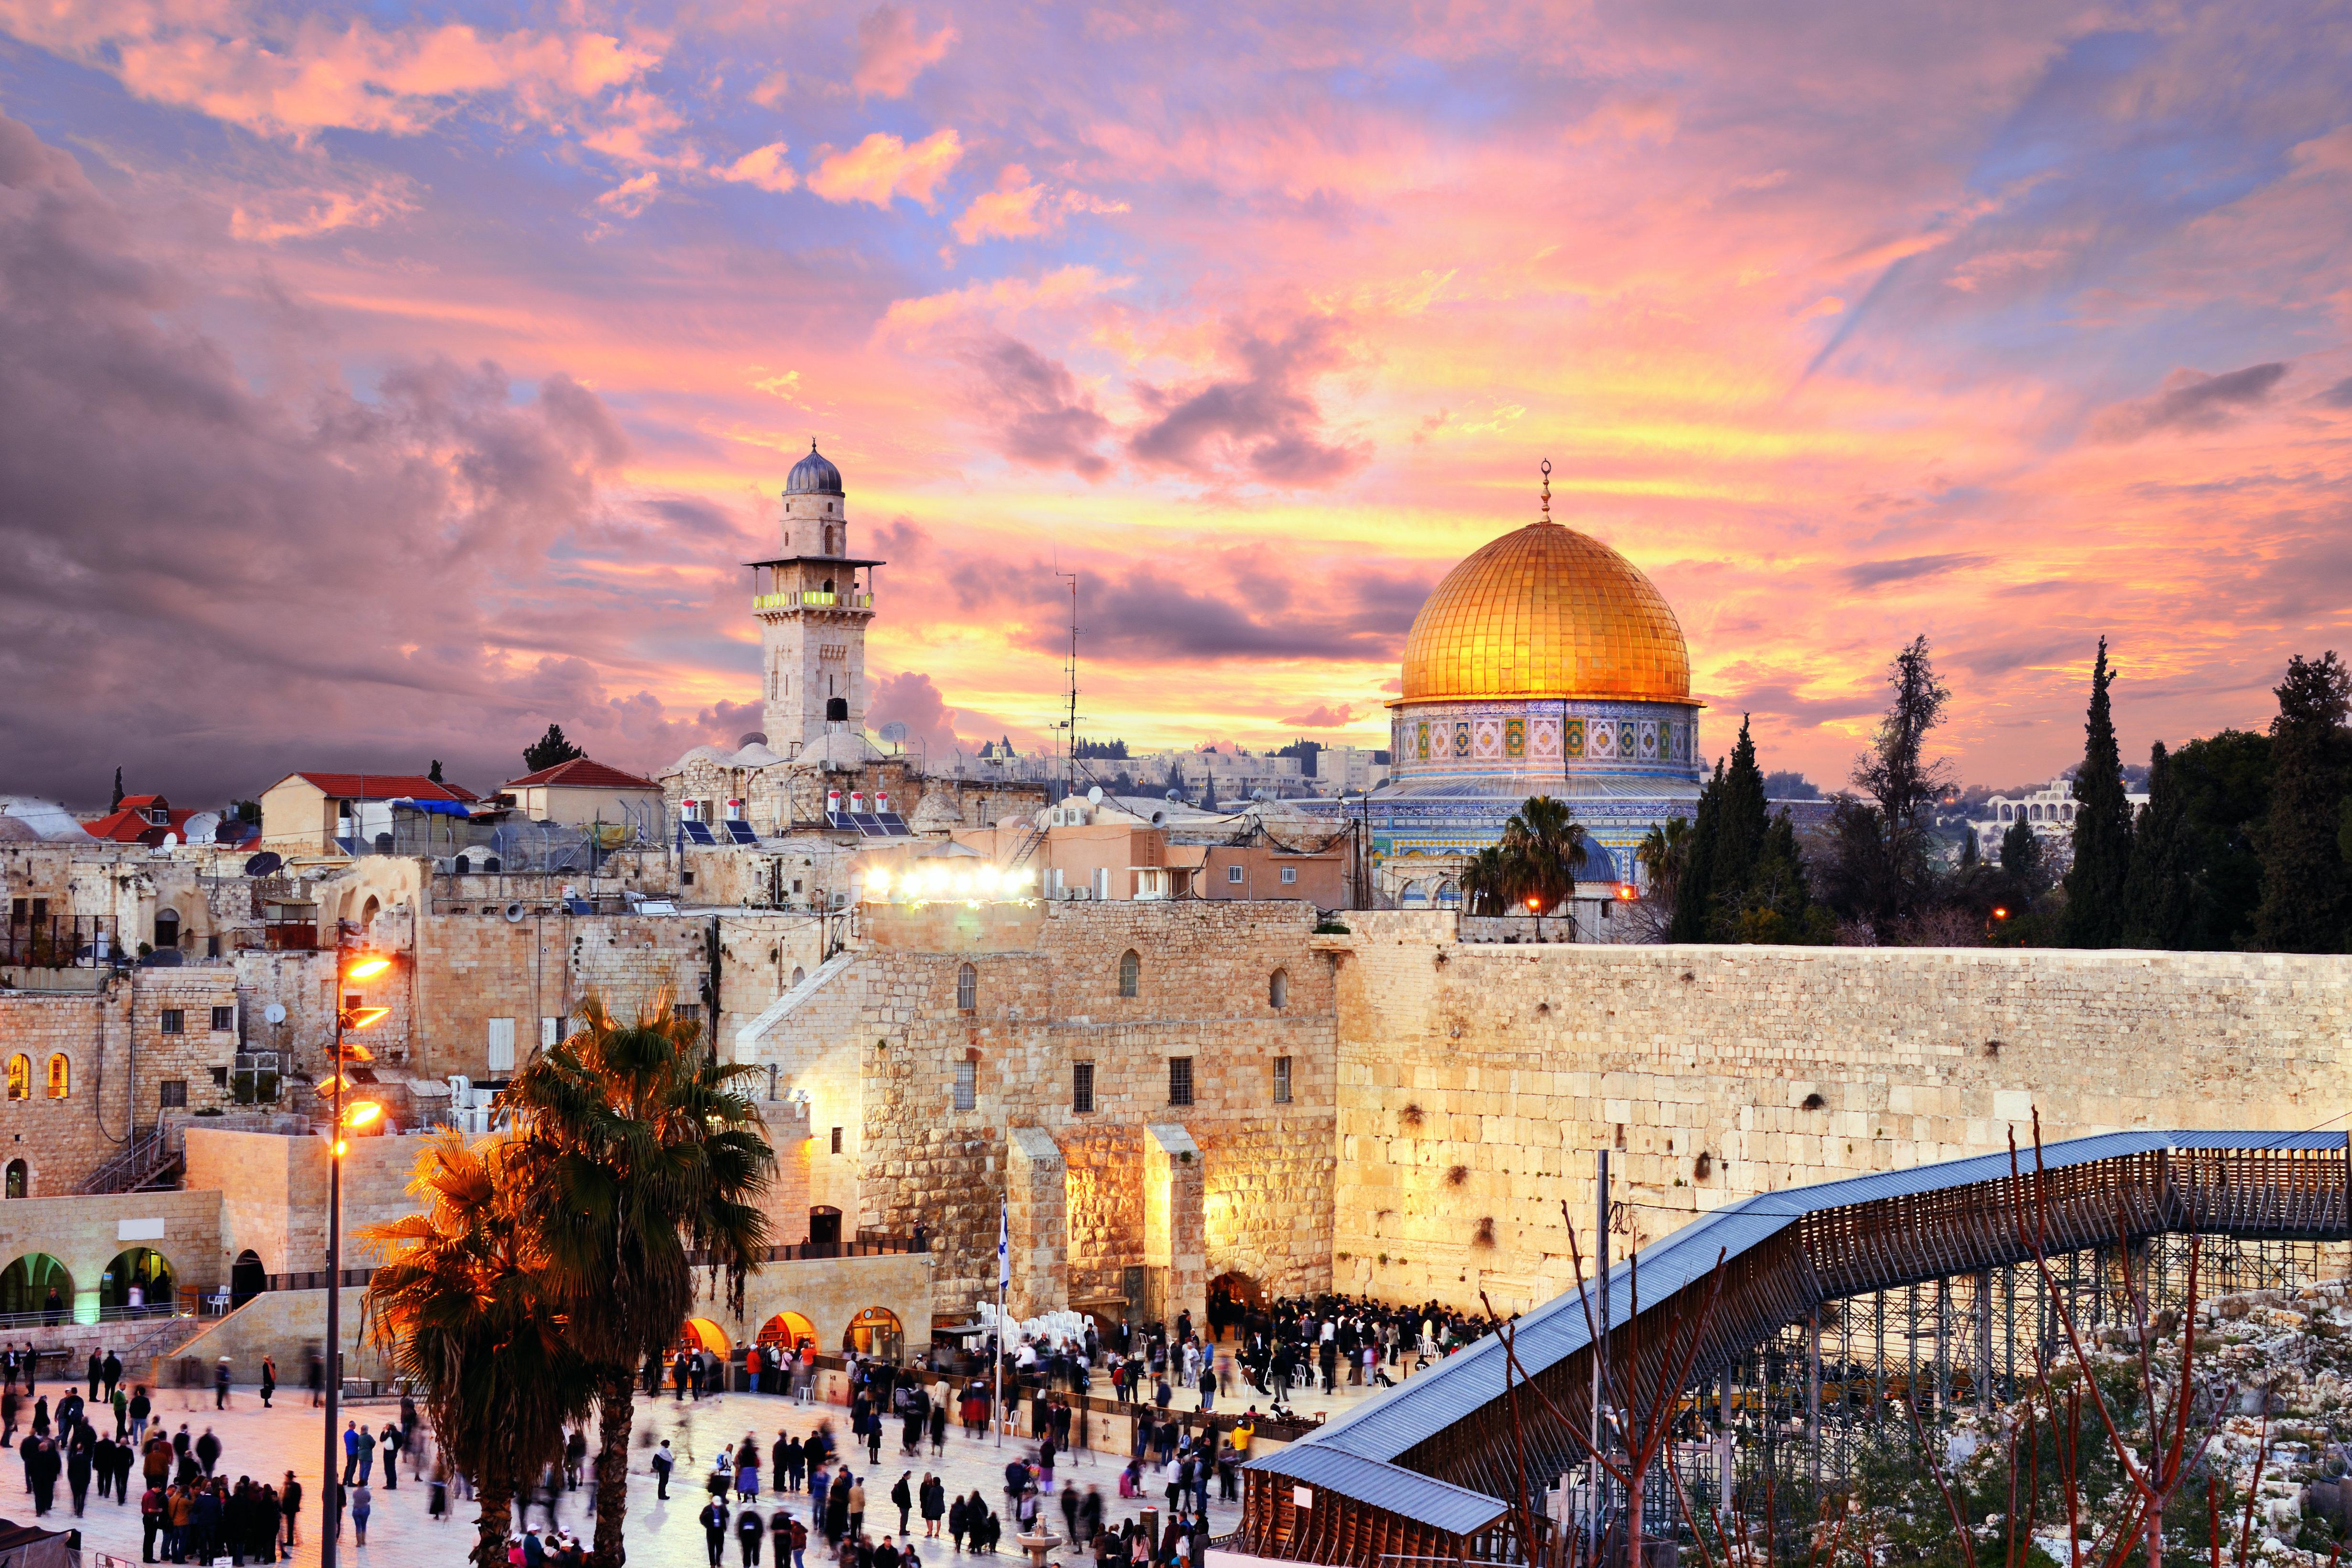 Jerusalem Wallpaper HD 4925x3283